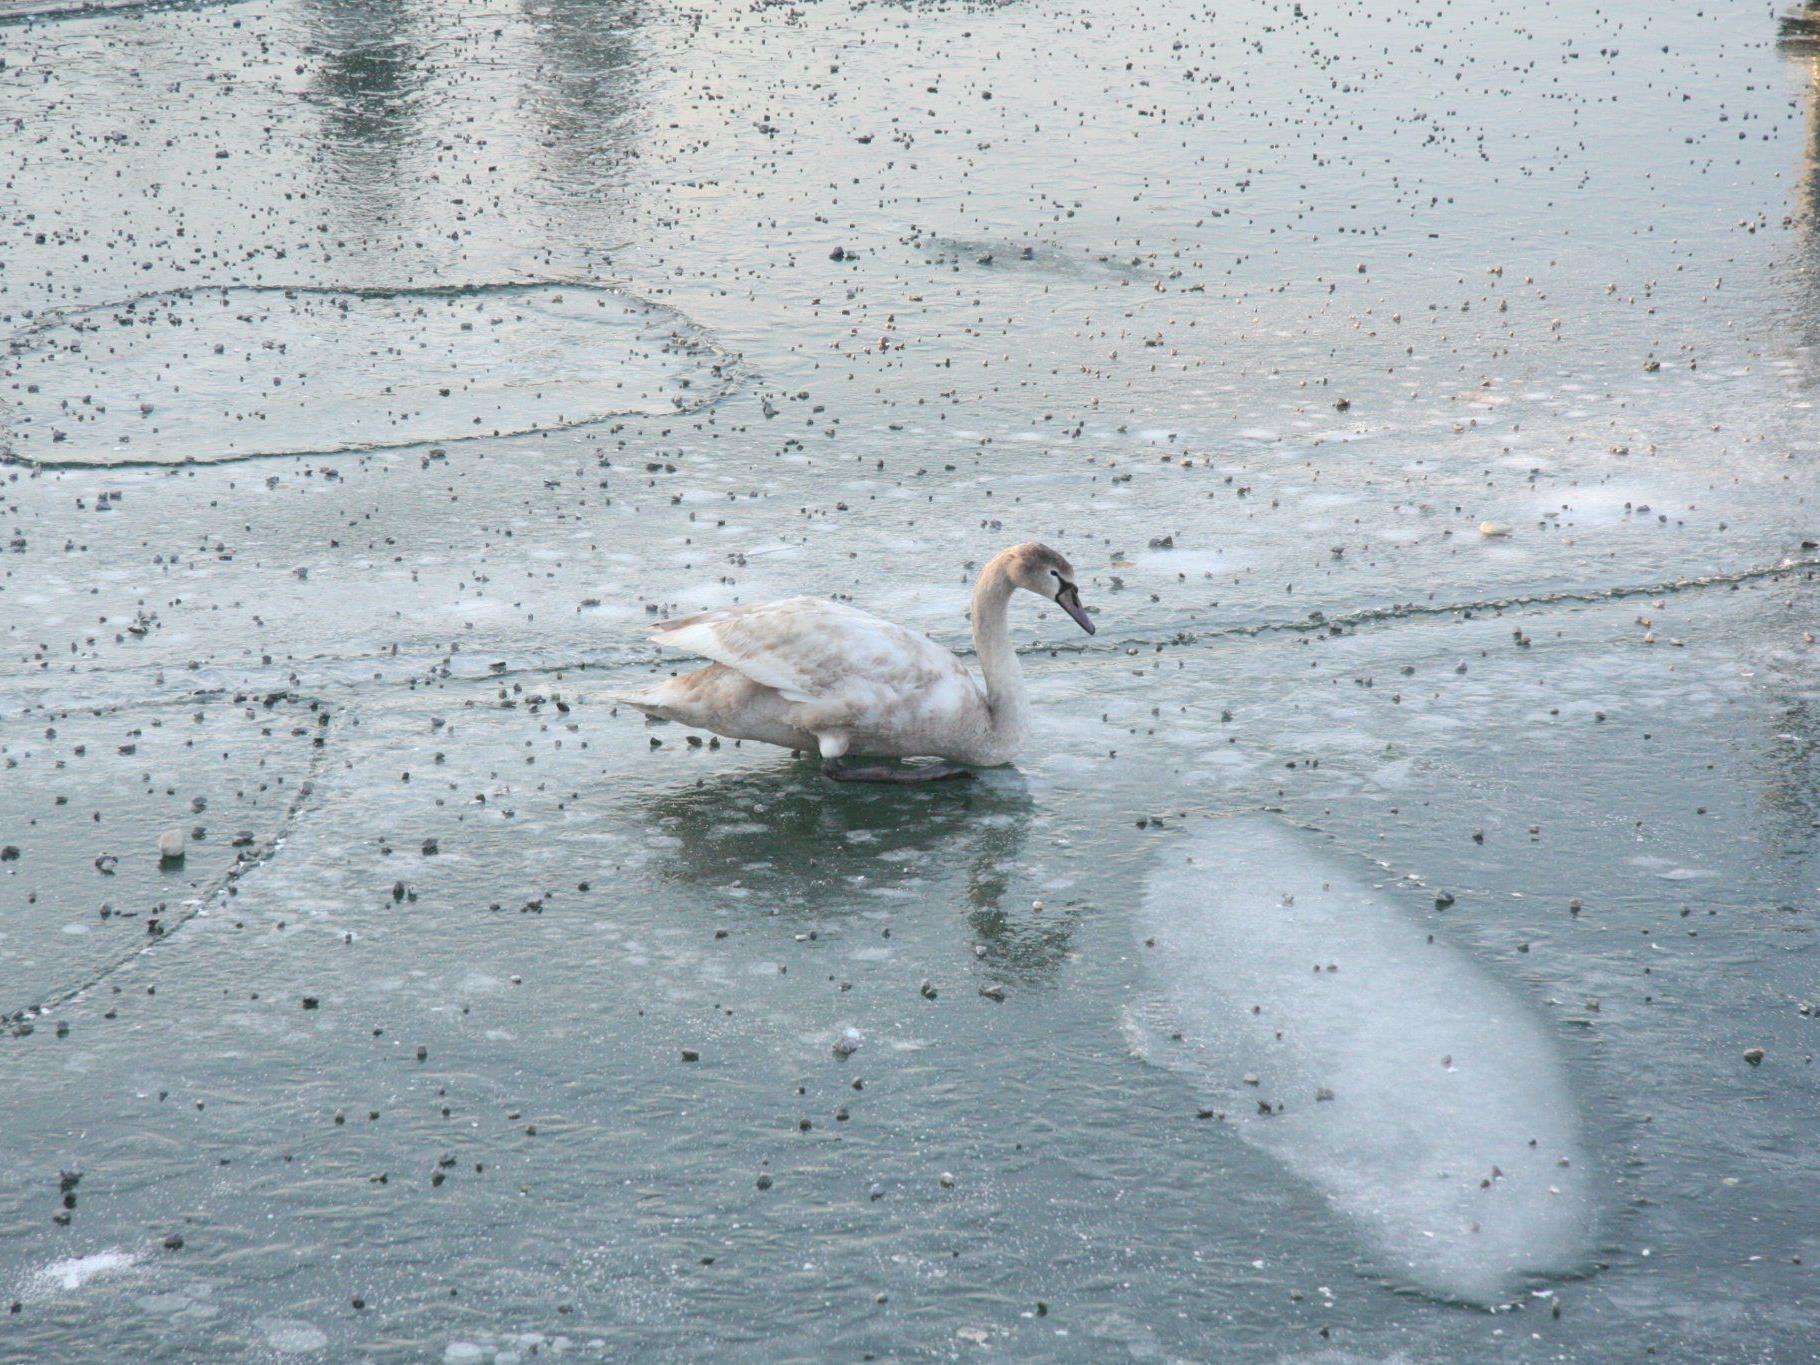 Das Jungtier konnte sich aus eigener Kraft vom Eis befreien und wurde anschließend mit Brot gestärkt.